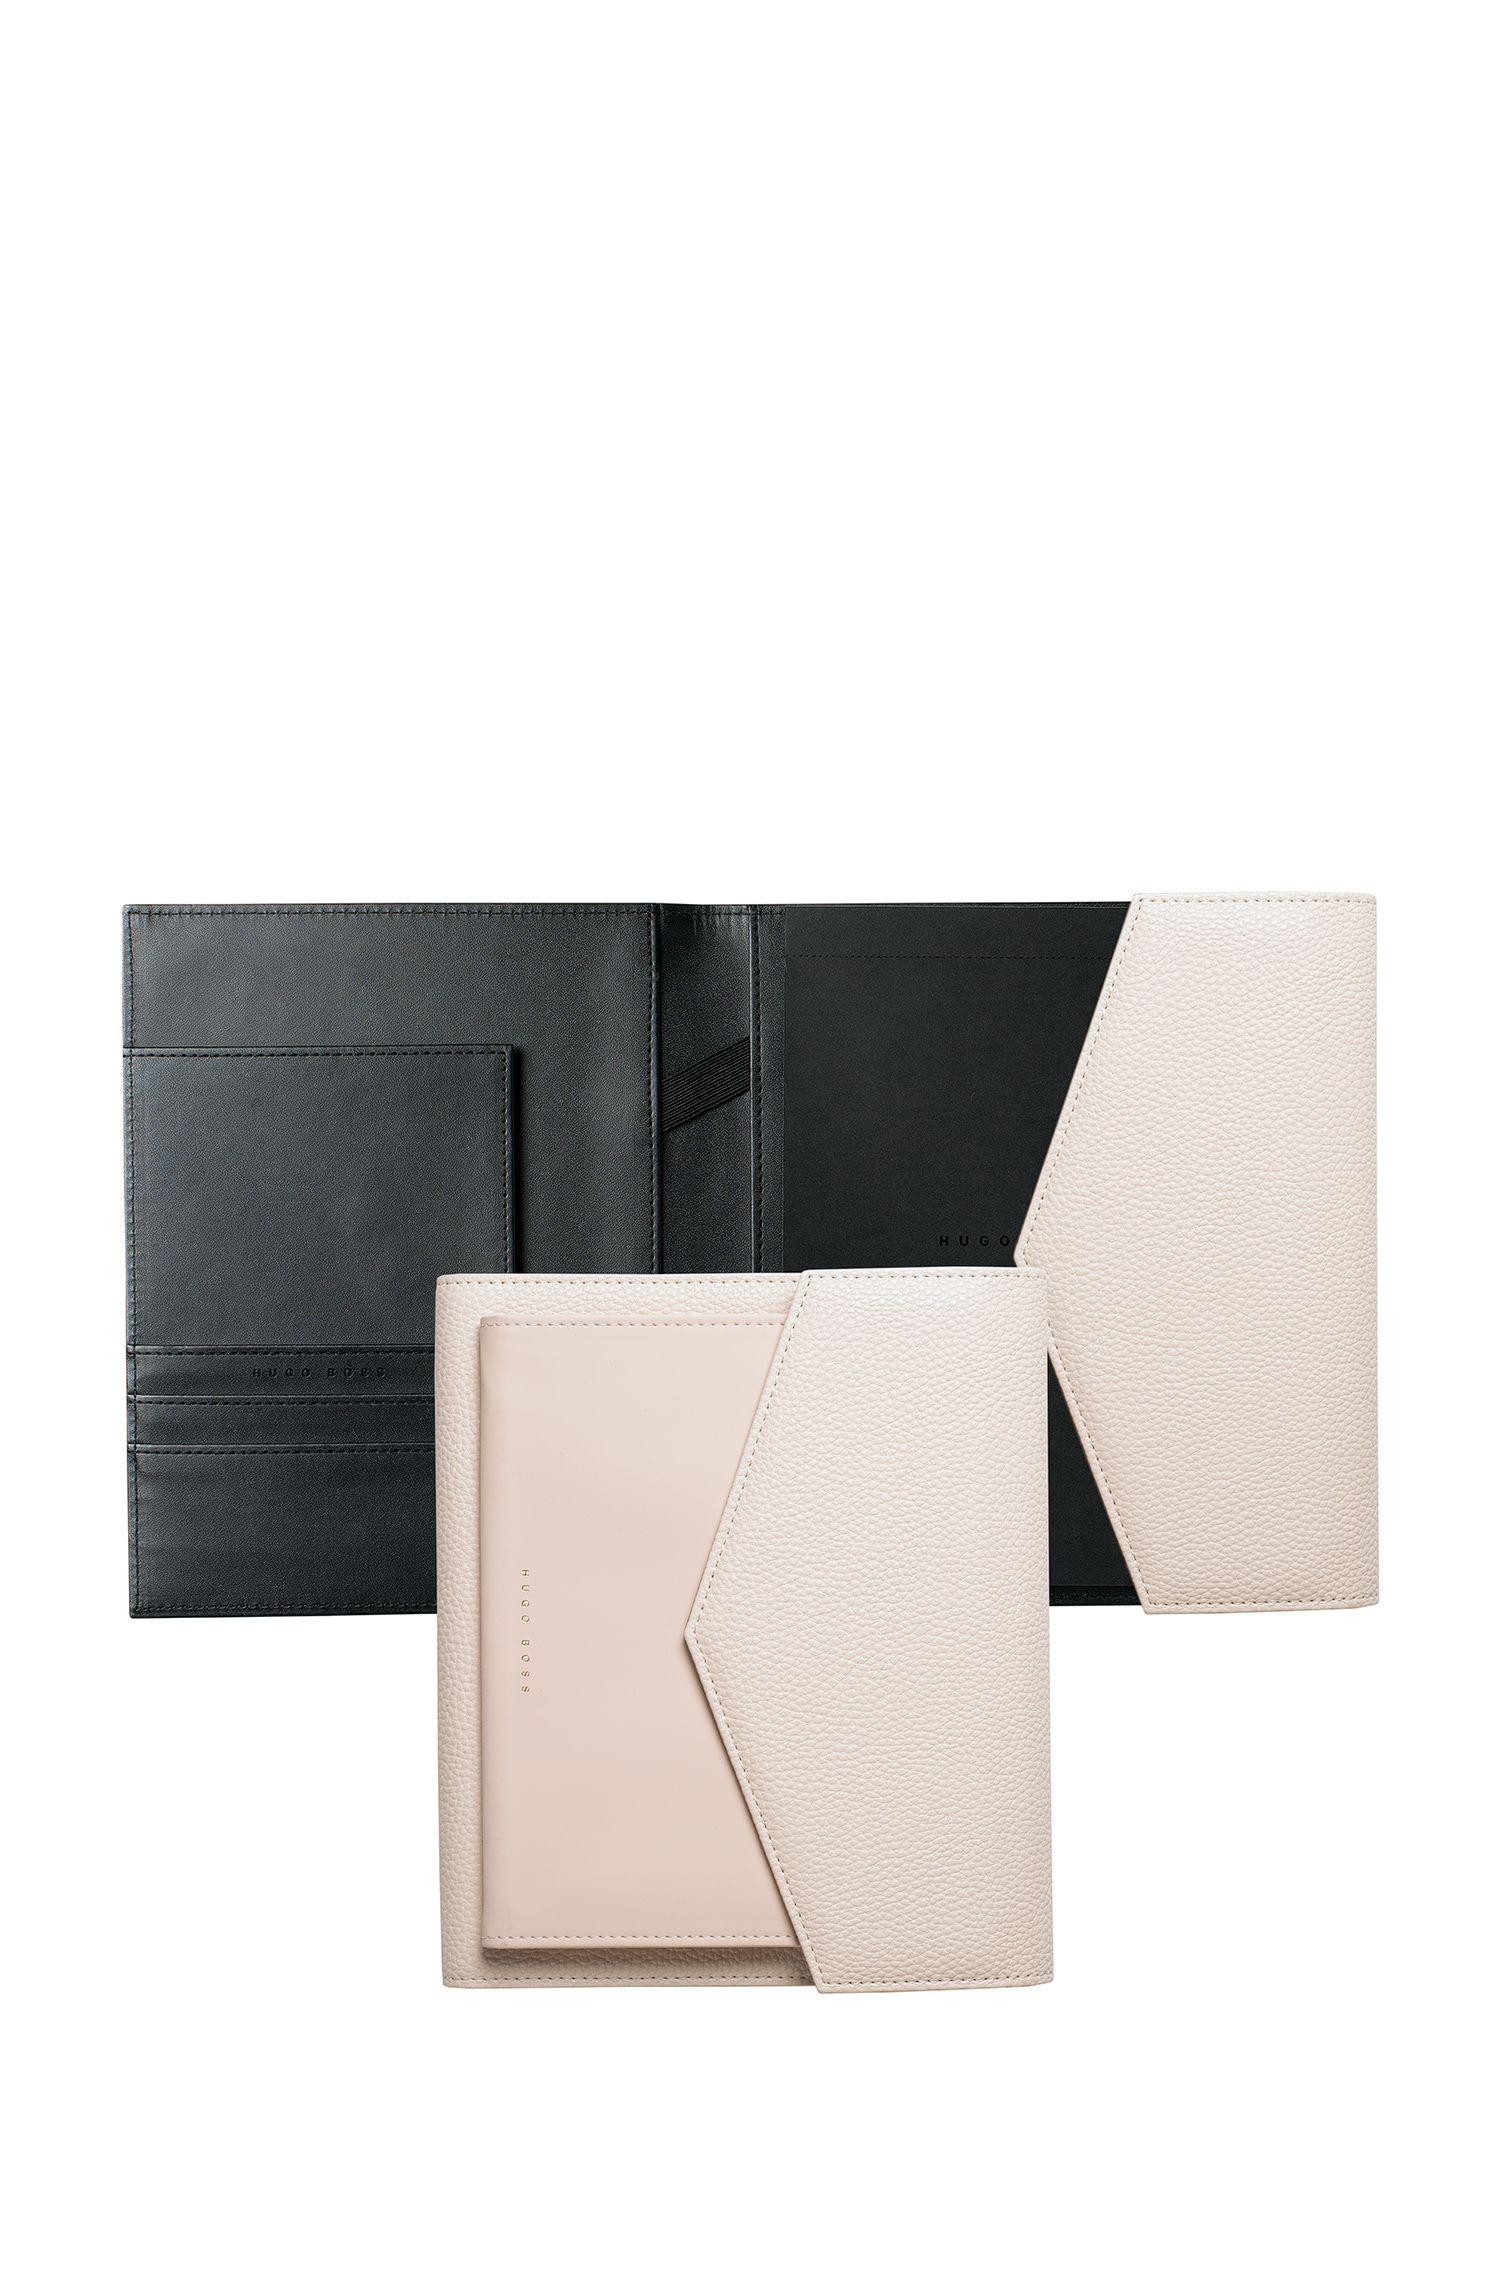 Porte-documentsA5 en similicuir blanc cassé, Noir